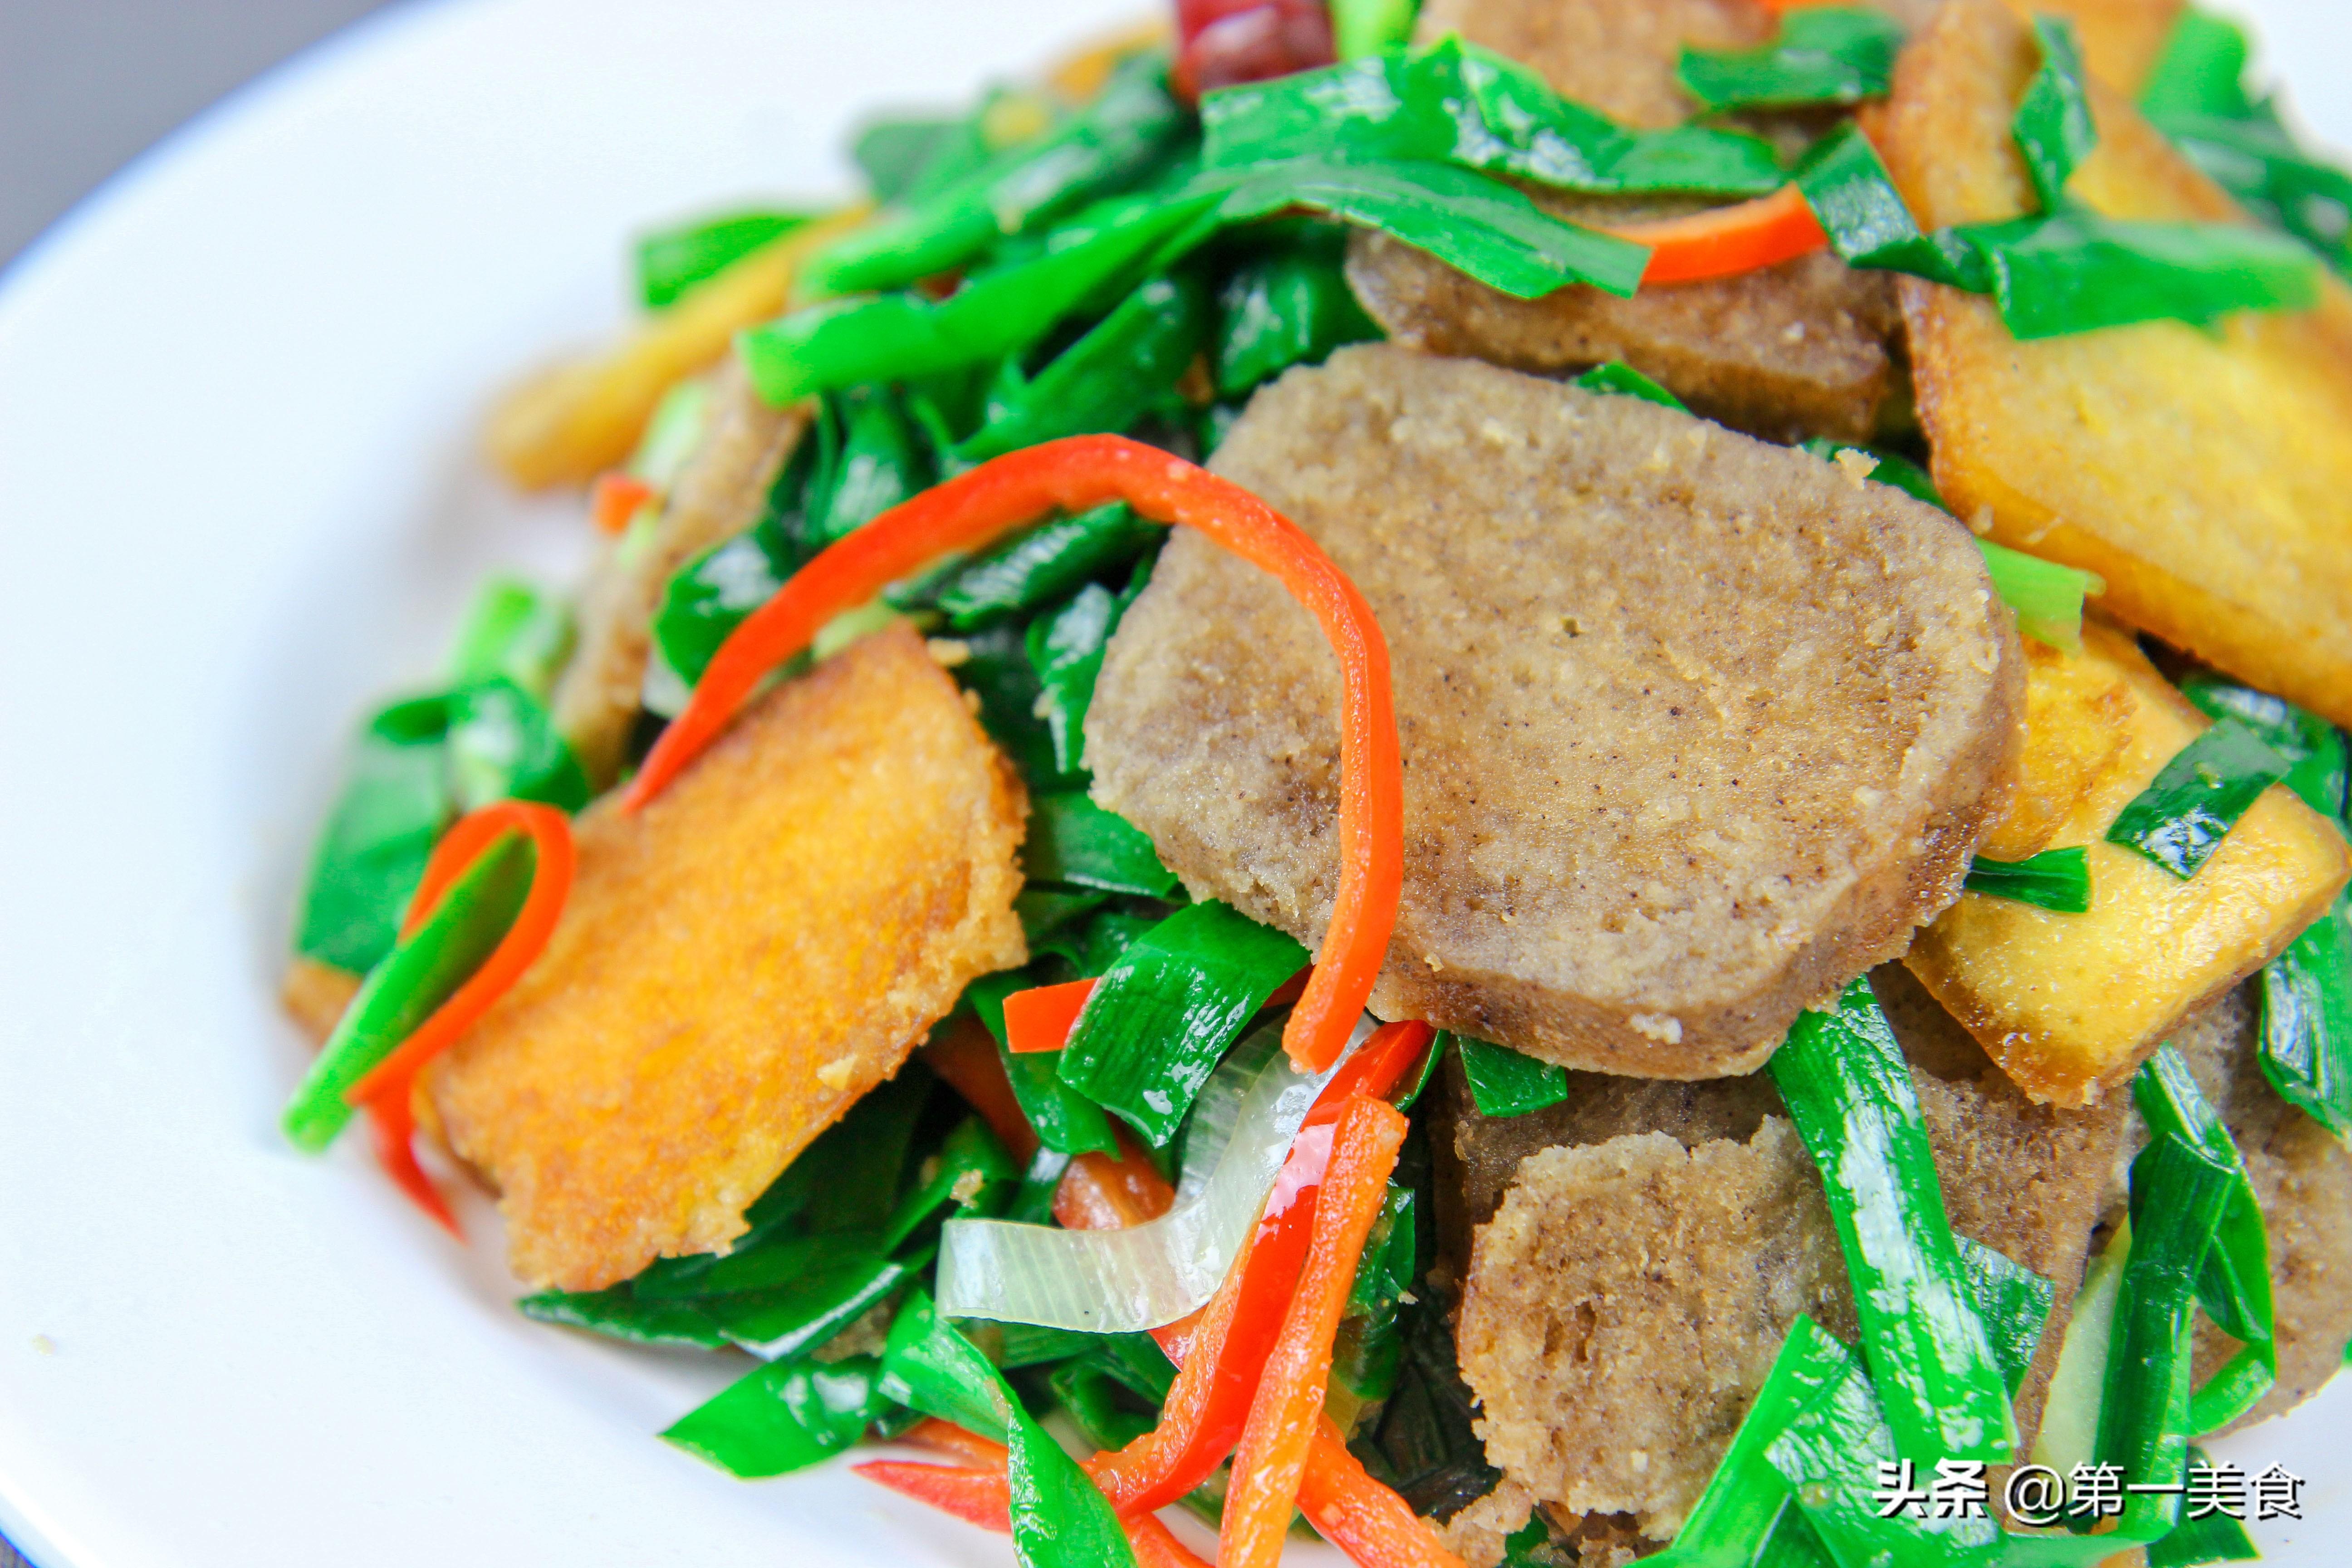 韭菜炒杂粮馒头做法  焦香酥脆 一大盘不够吃